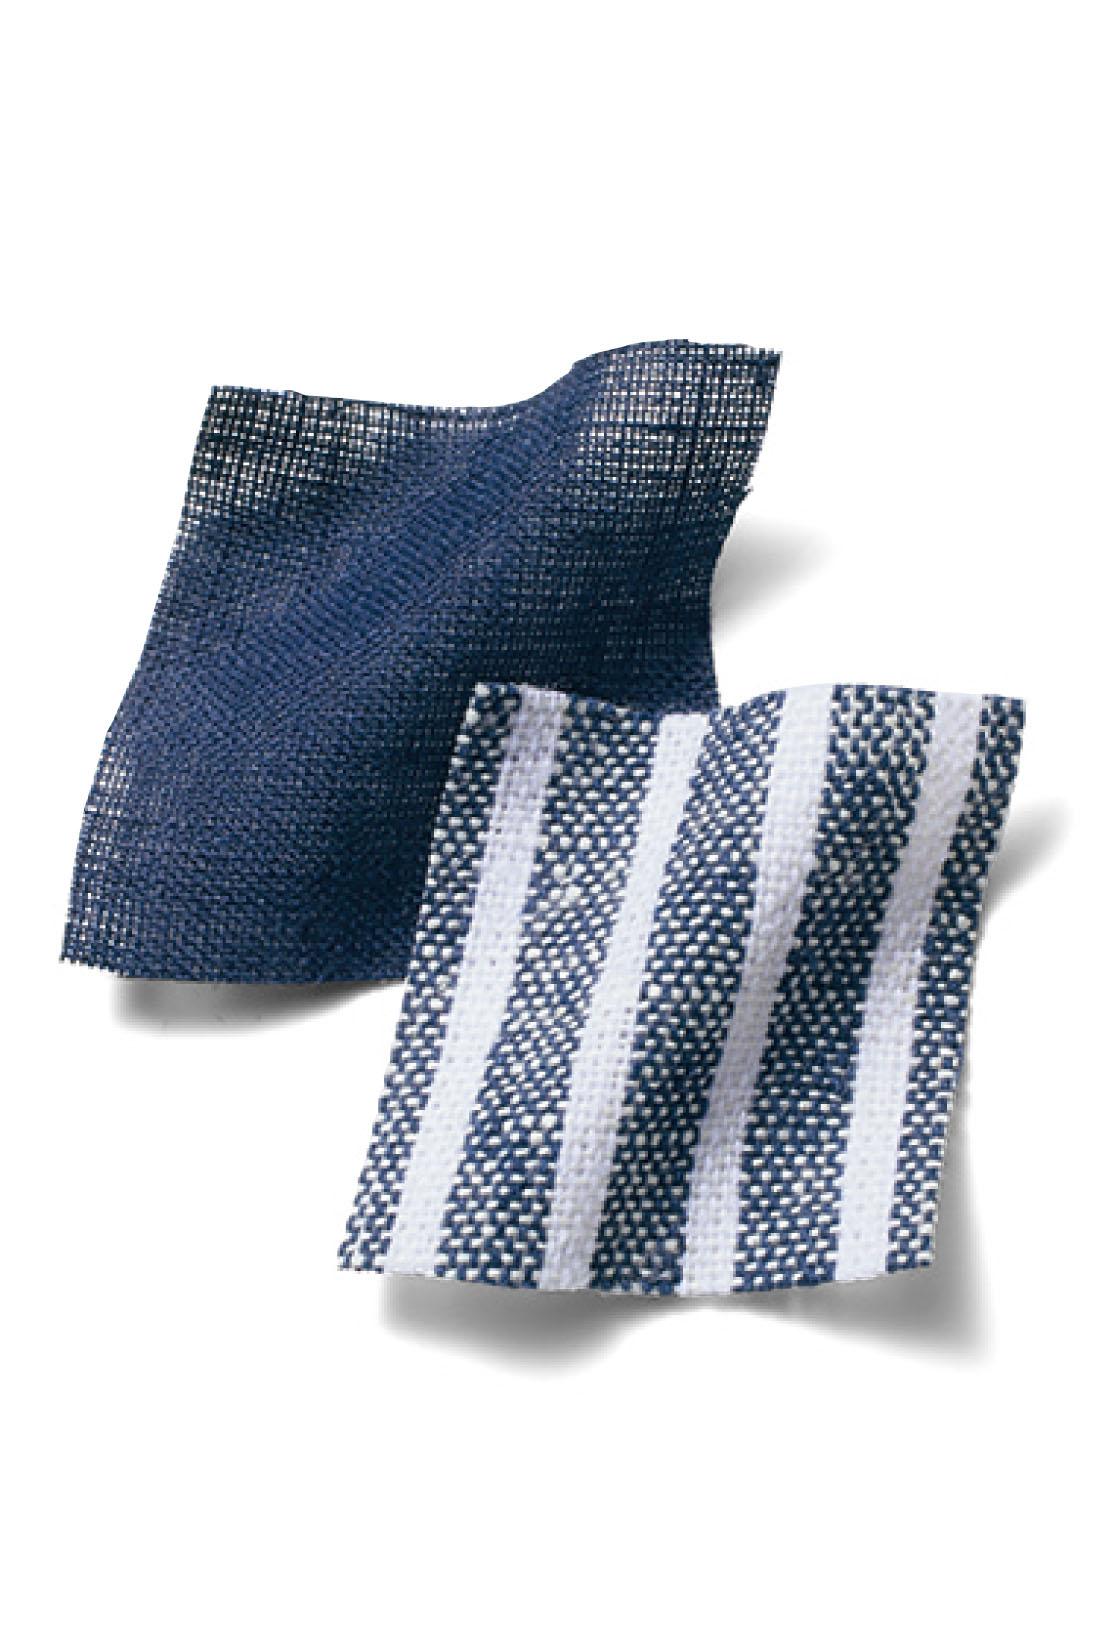 どちらも春から夏にかけてさわやかに着られるリネン混素材。リラックスした抜け感と、大人っぽい印象が演出できます。